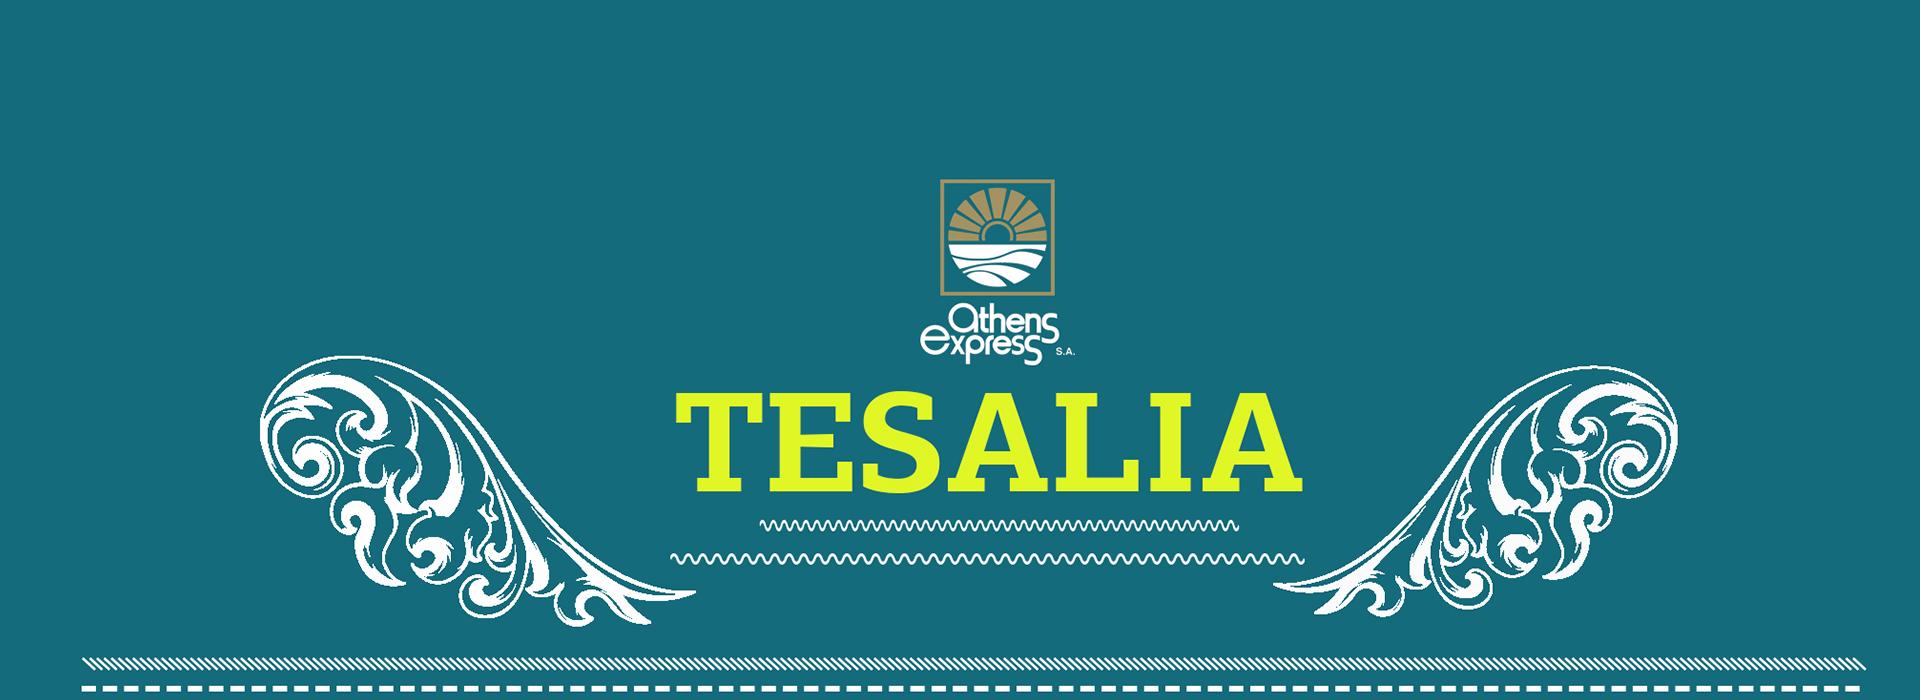 Tesalia en Grafico